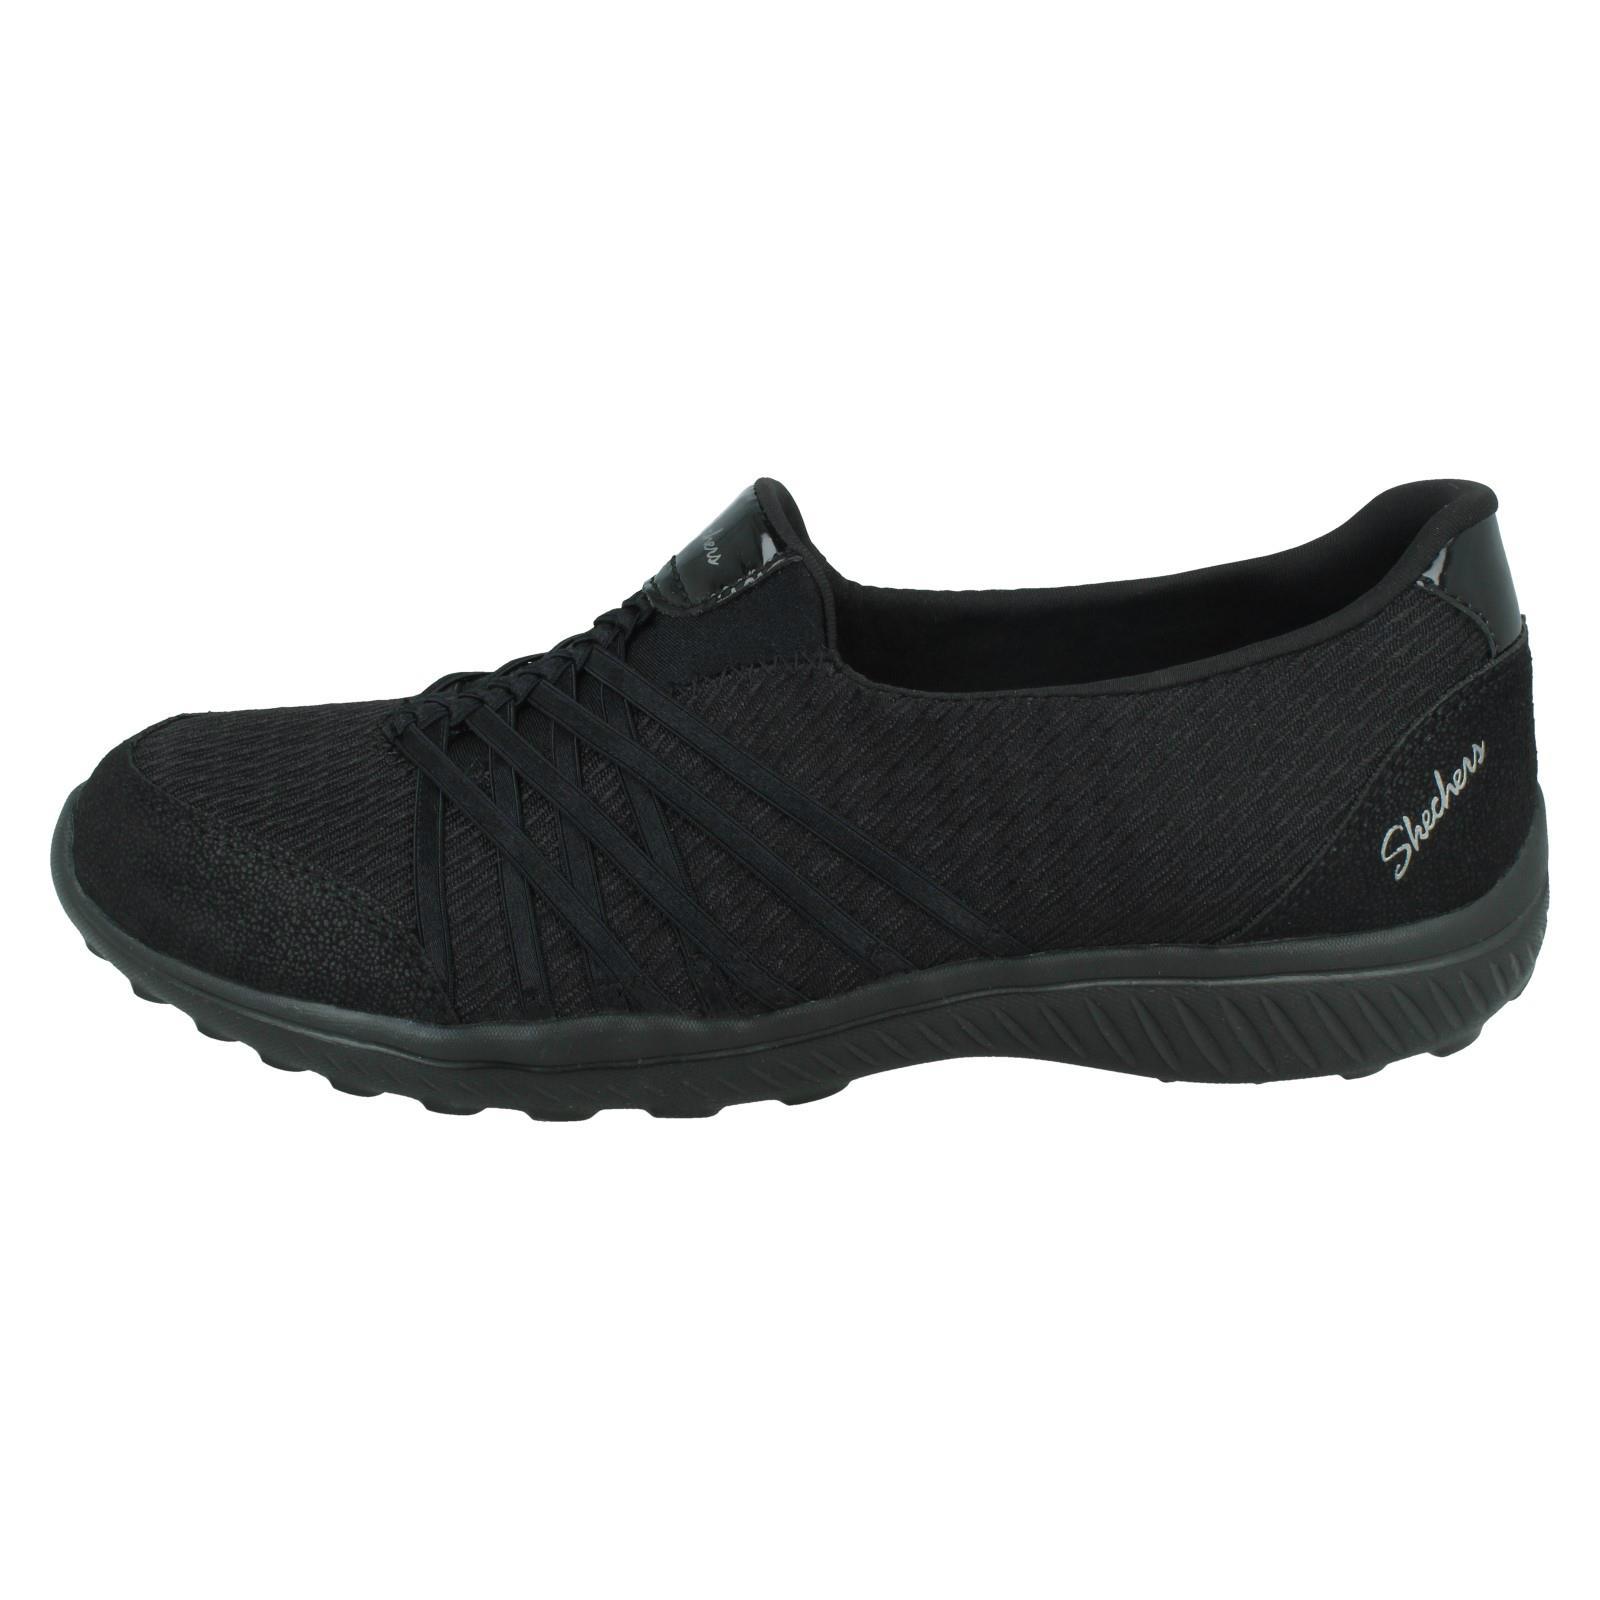 zapatos skechers mujer sin cordones amarillos